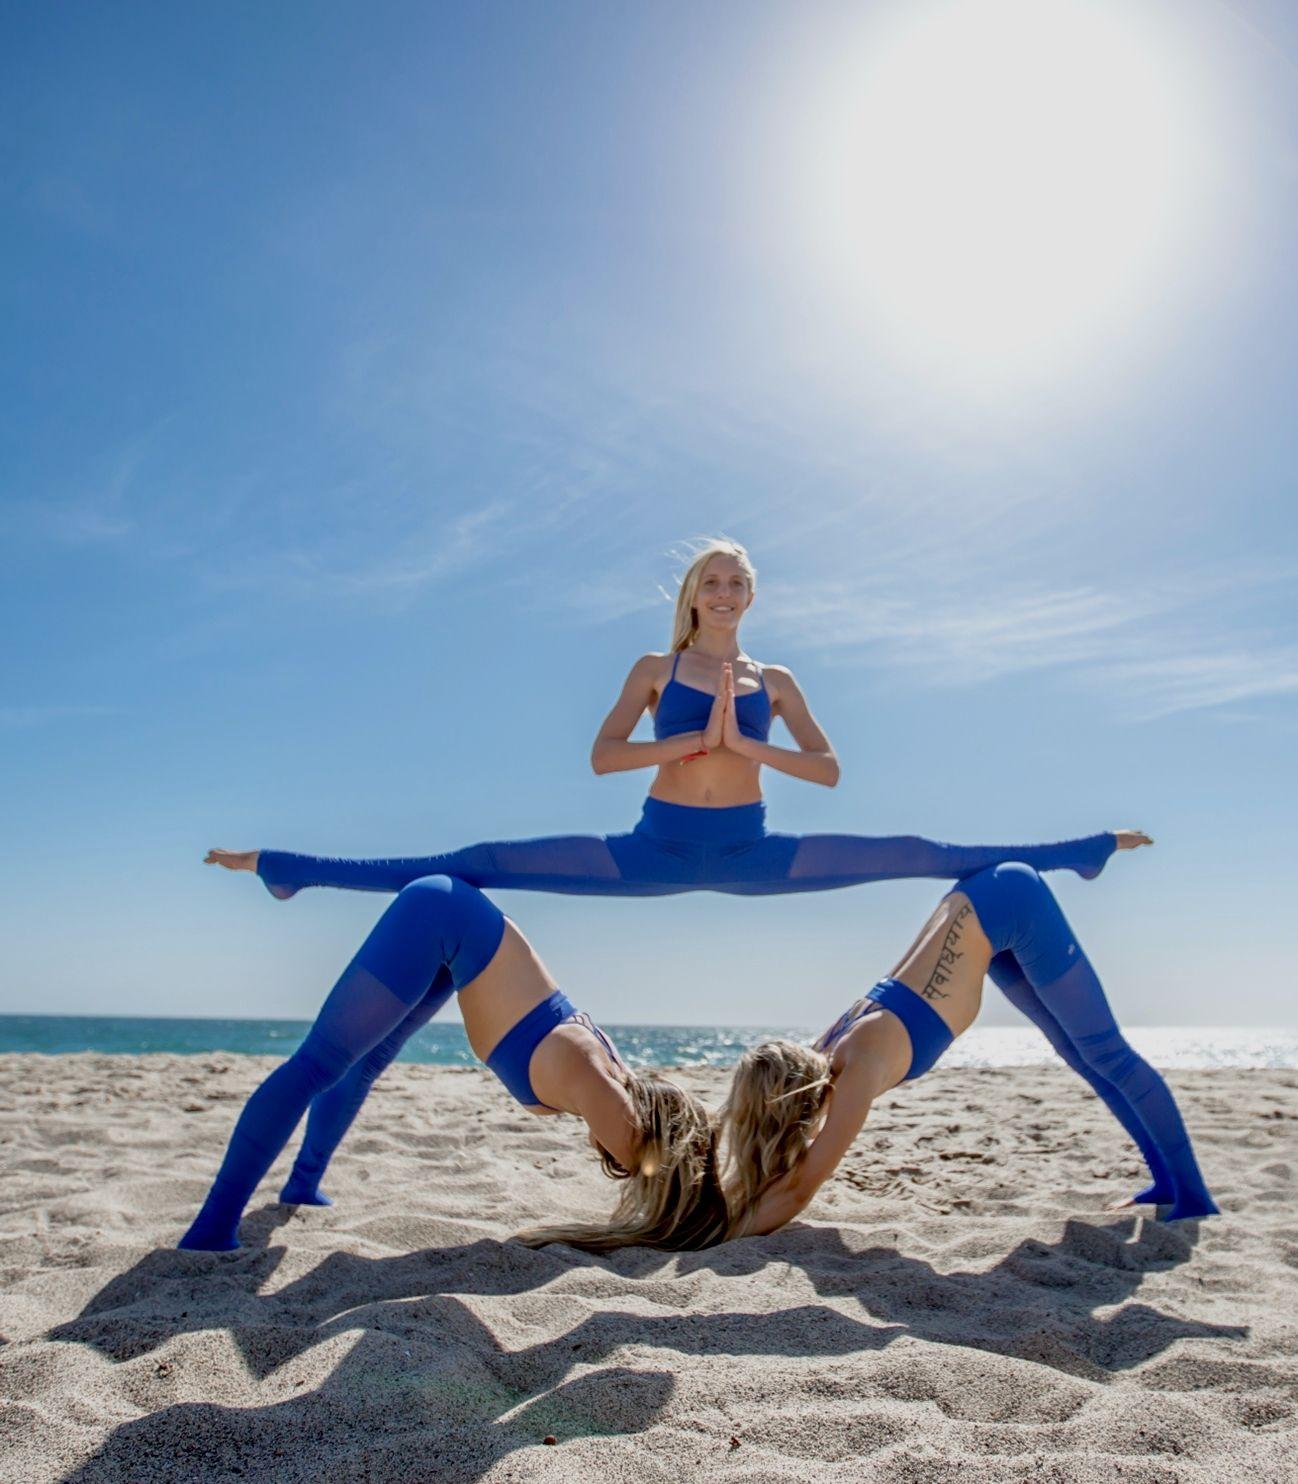 Other - Yoga Pose / Asana Image by MahbinBayani